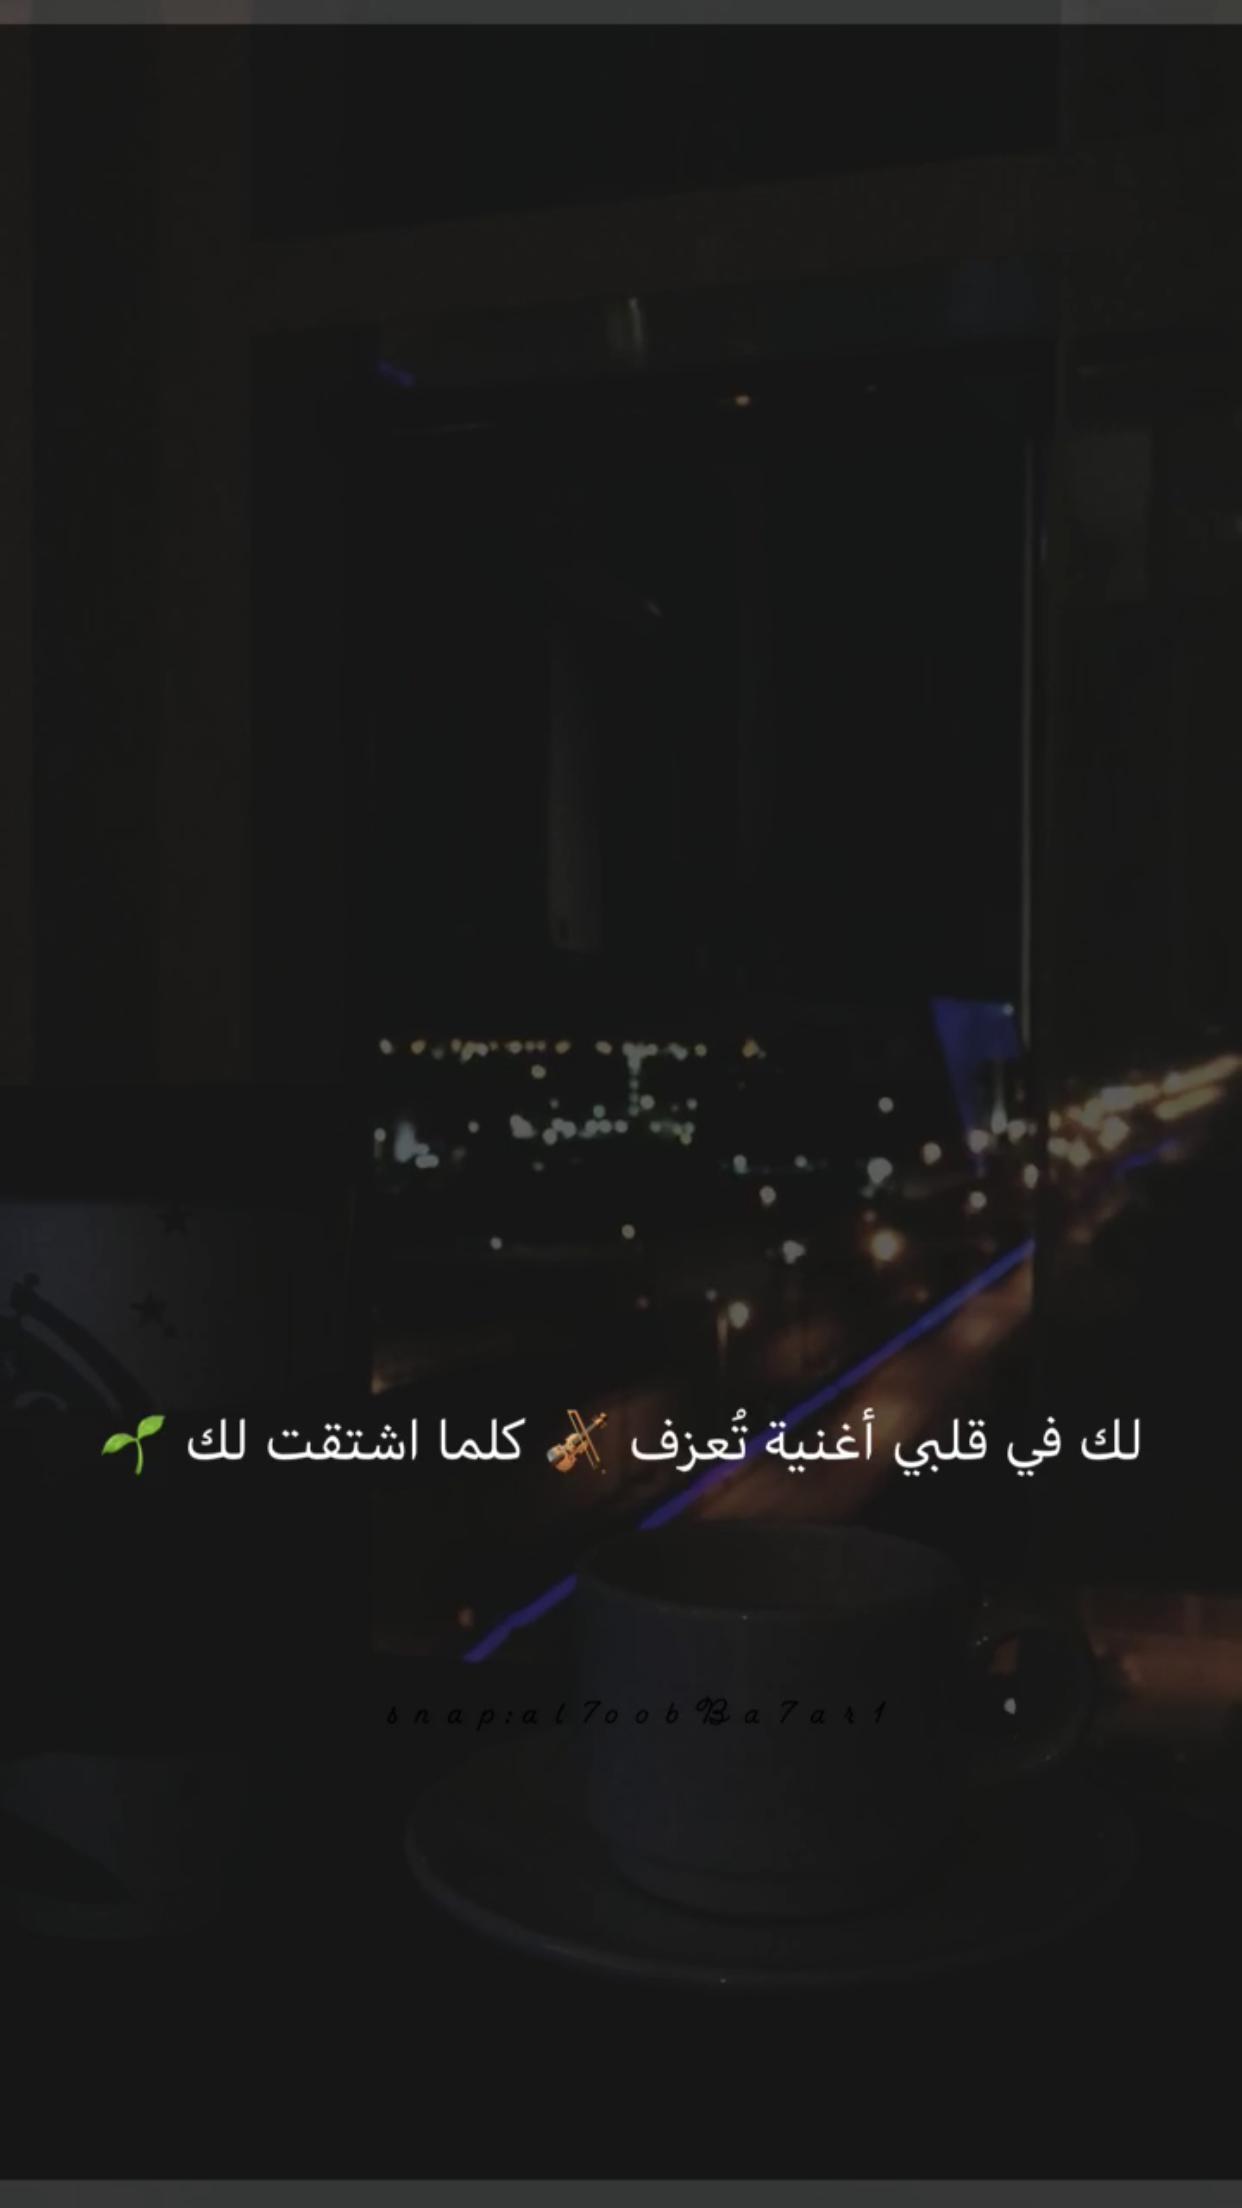 همسه: لك في قلبي أغنية تُعزف 🎻 كلما اشتقت لك 🌱 . . . . #تصويري  #تصويري_سناب #تصميمي #صوره من #فيديو #الليل #الرياض #أغنية #اشت… | Cool  photos, Photography, Photo